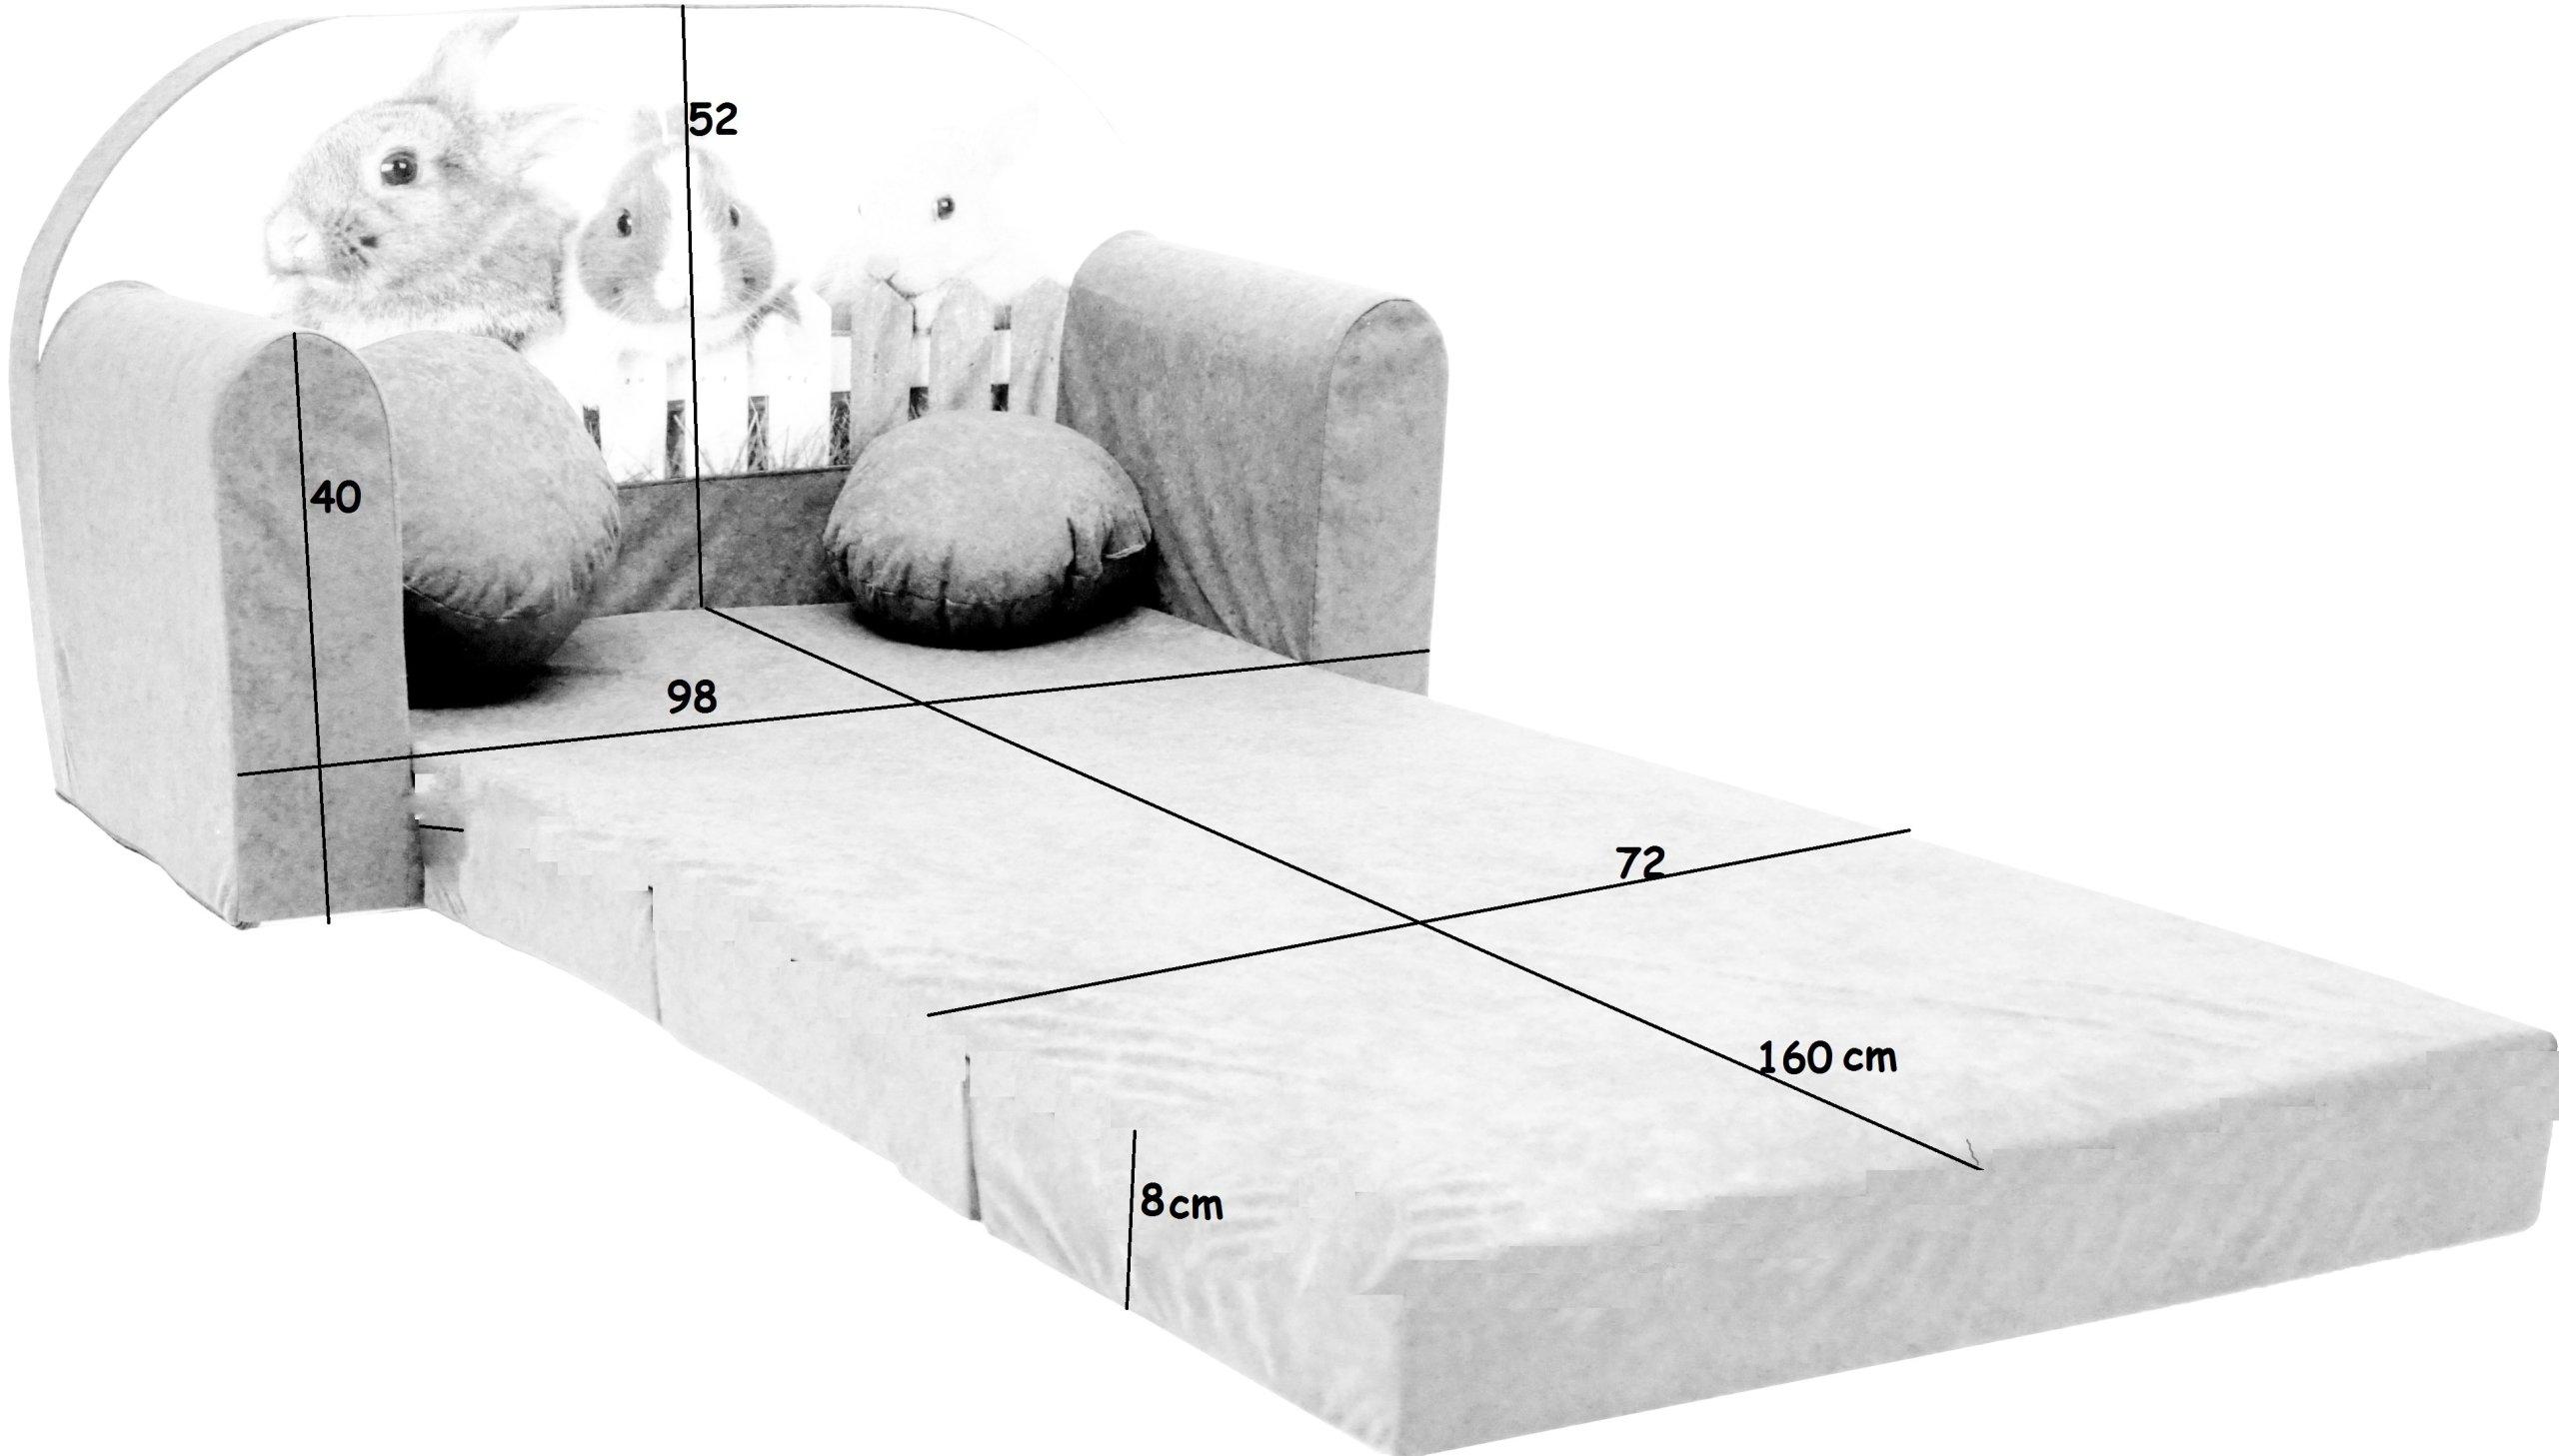 Gauč Rozkladacia pohovka pre deti vankúš na posteľ Kód výrobcu Sofa aj3